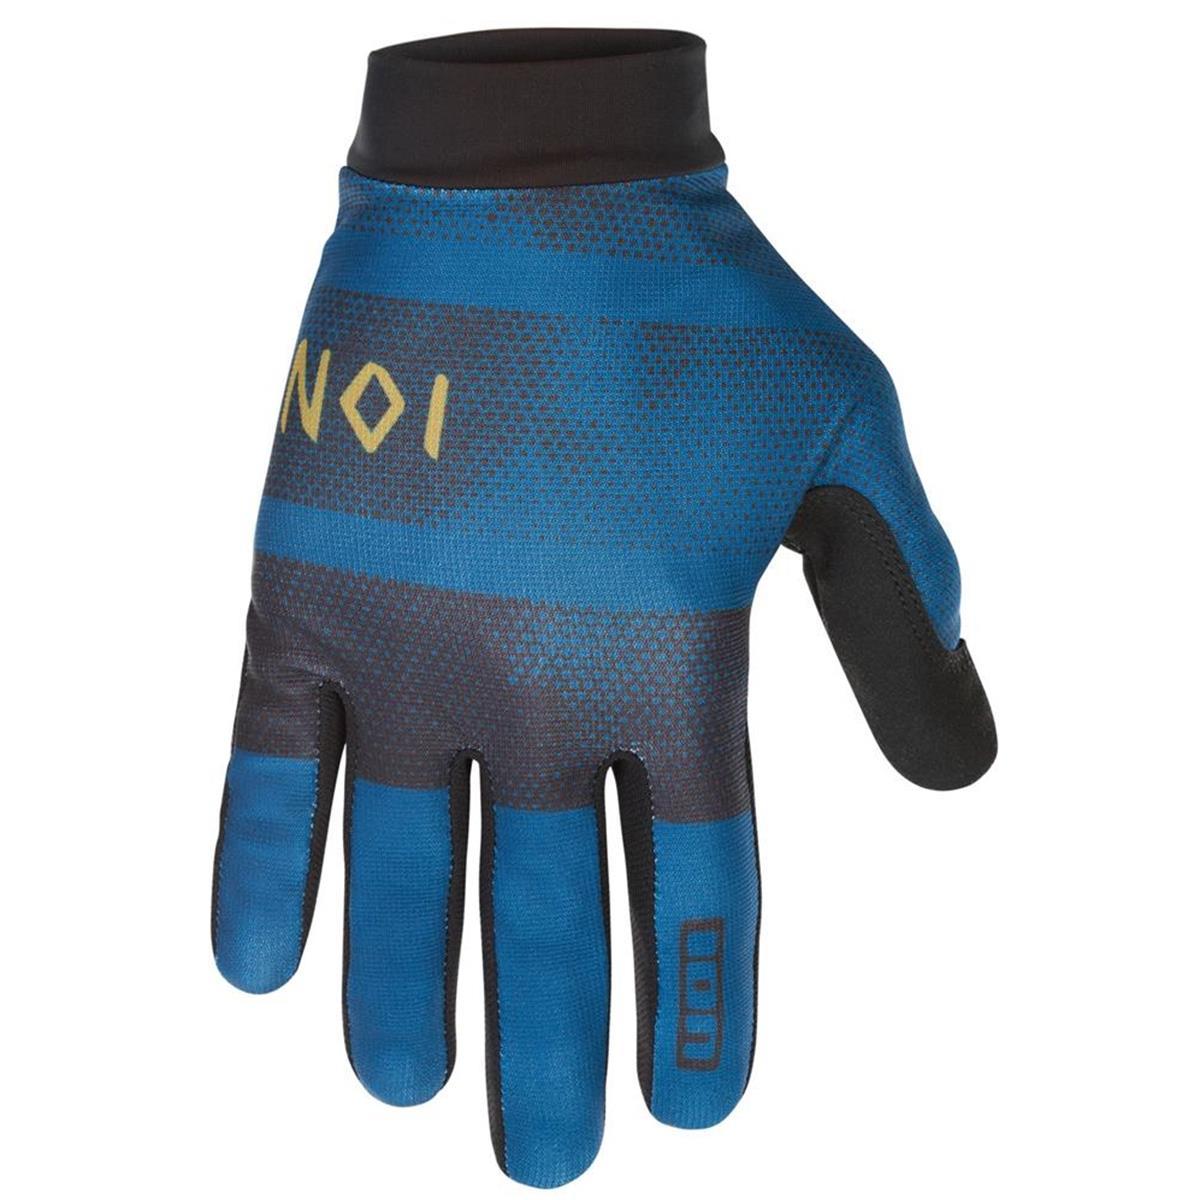 ION Bike-Handschuhe Scrub Ocean Blue